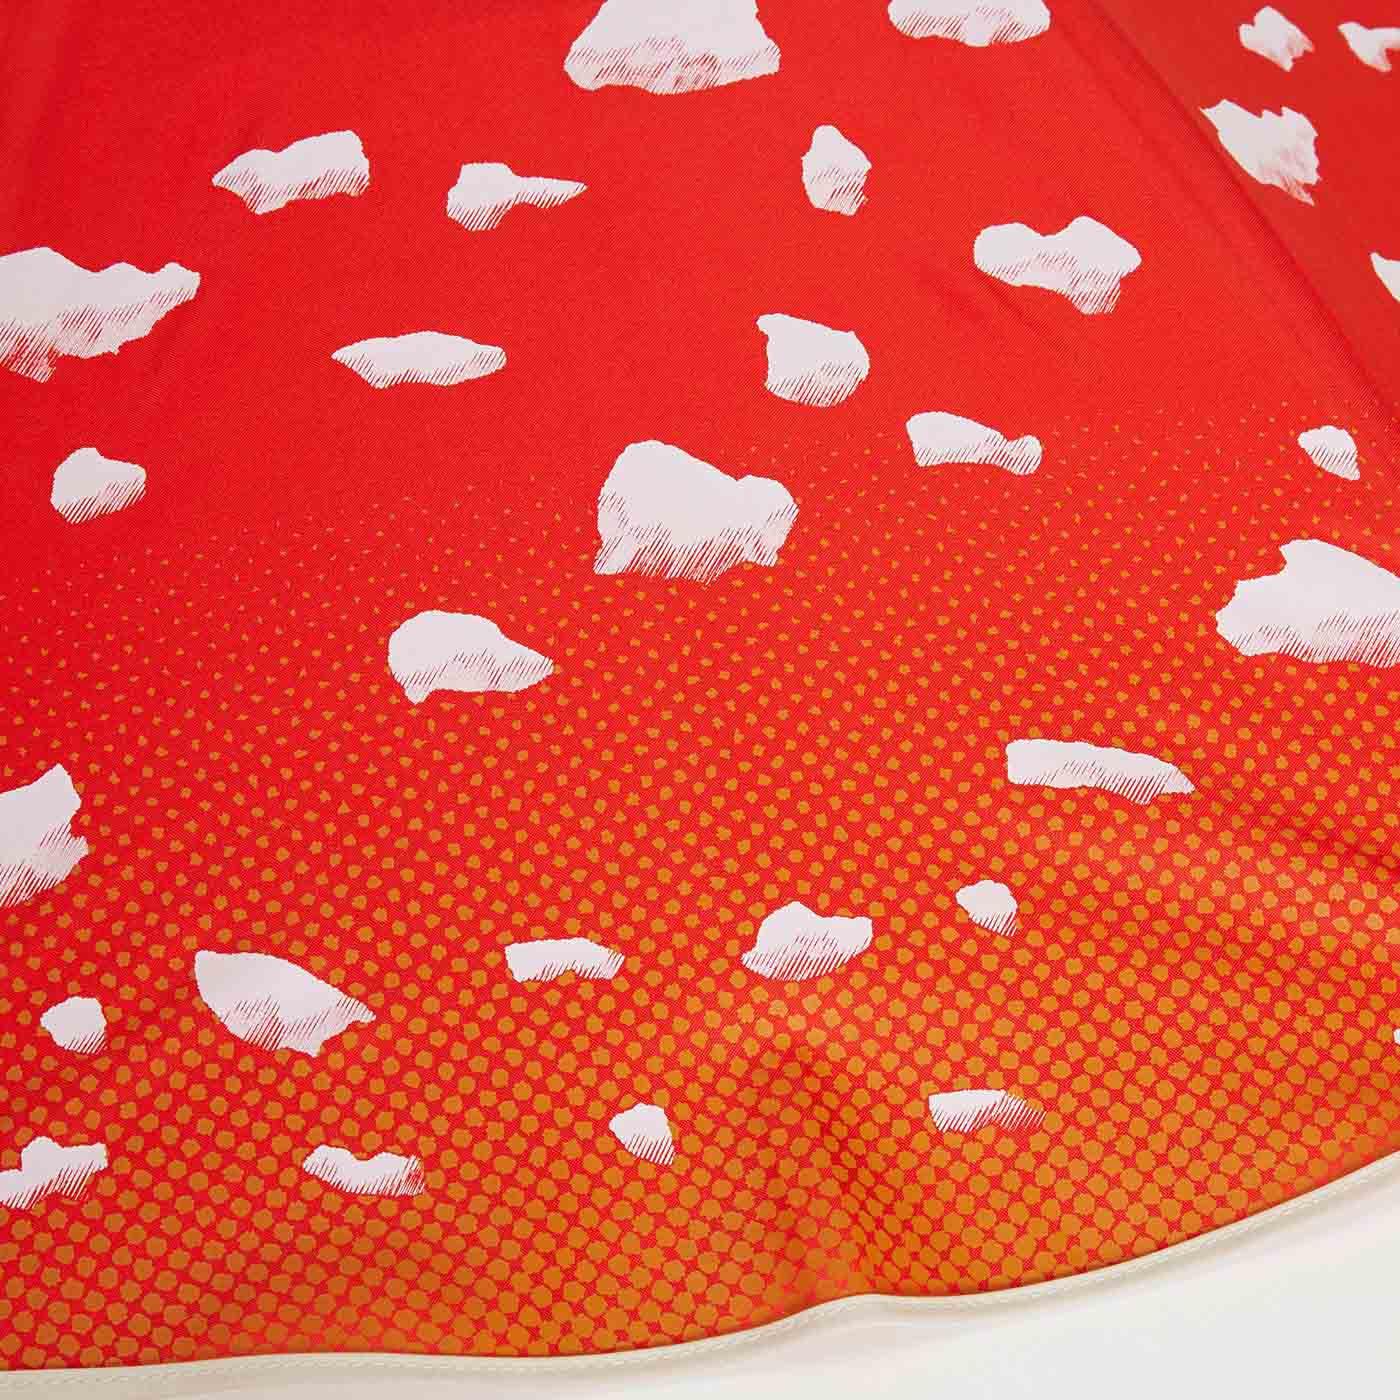 赤い傘にポコポコした白い模様、ベニテングタケらしさをとことん追求しました!